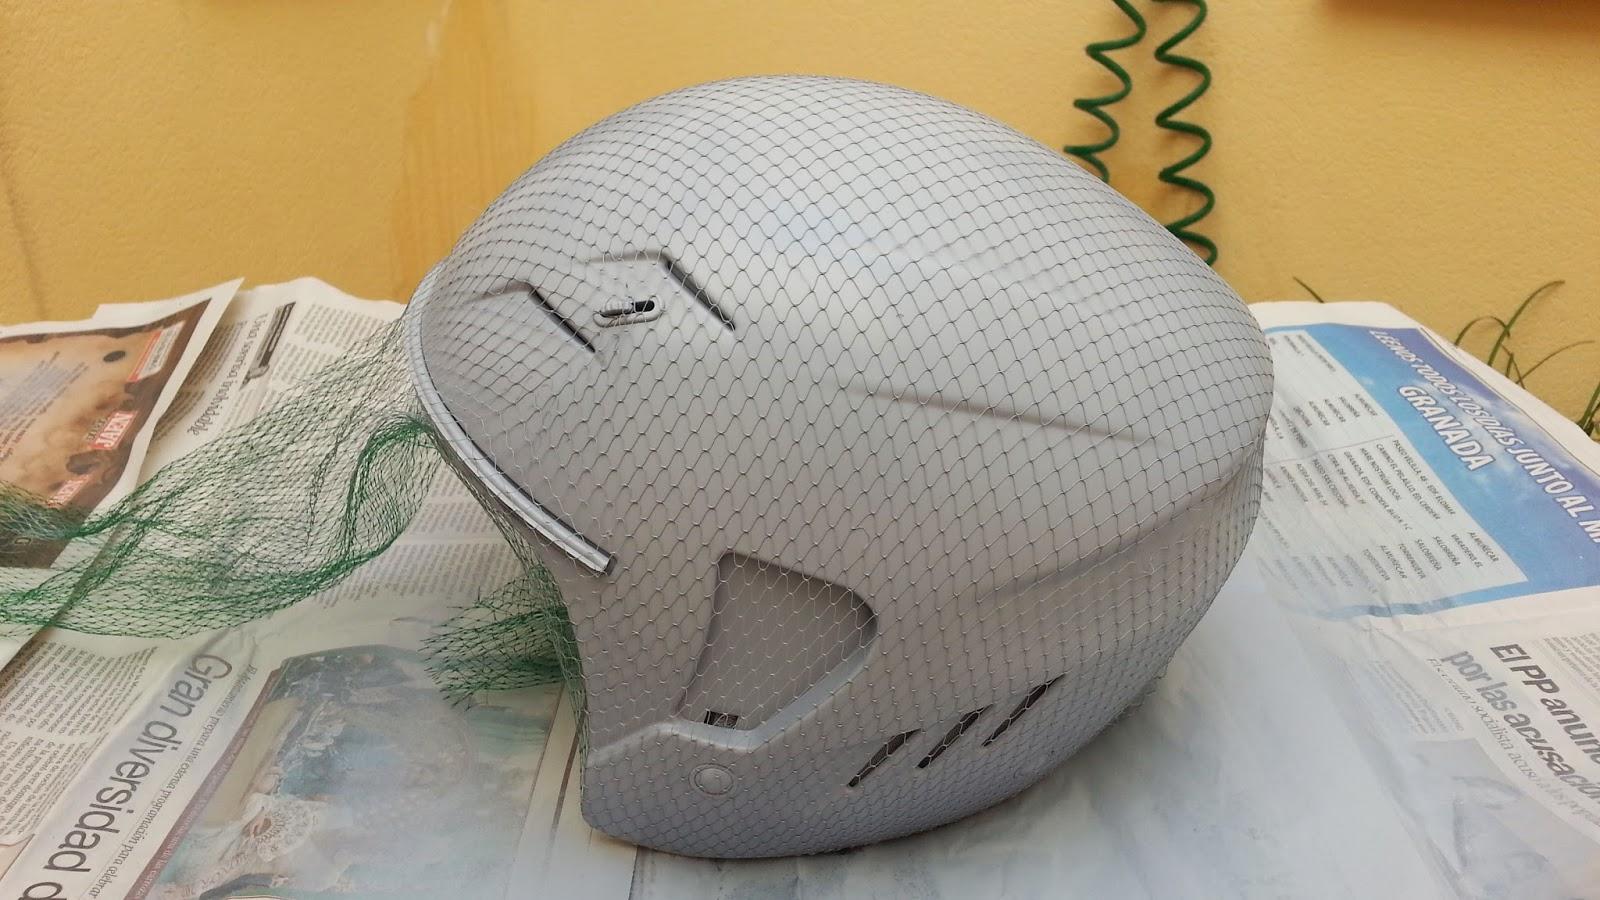 Café Racer Project y otras cosas de motos: Pintando un casco en camo